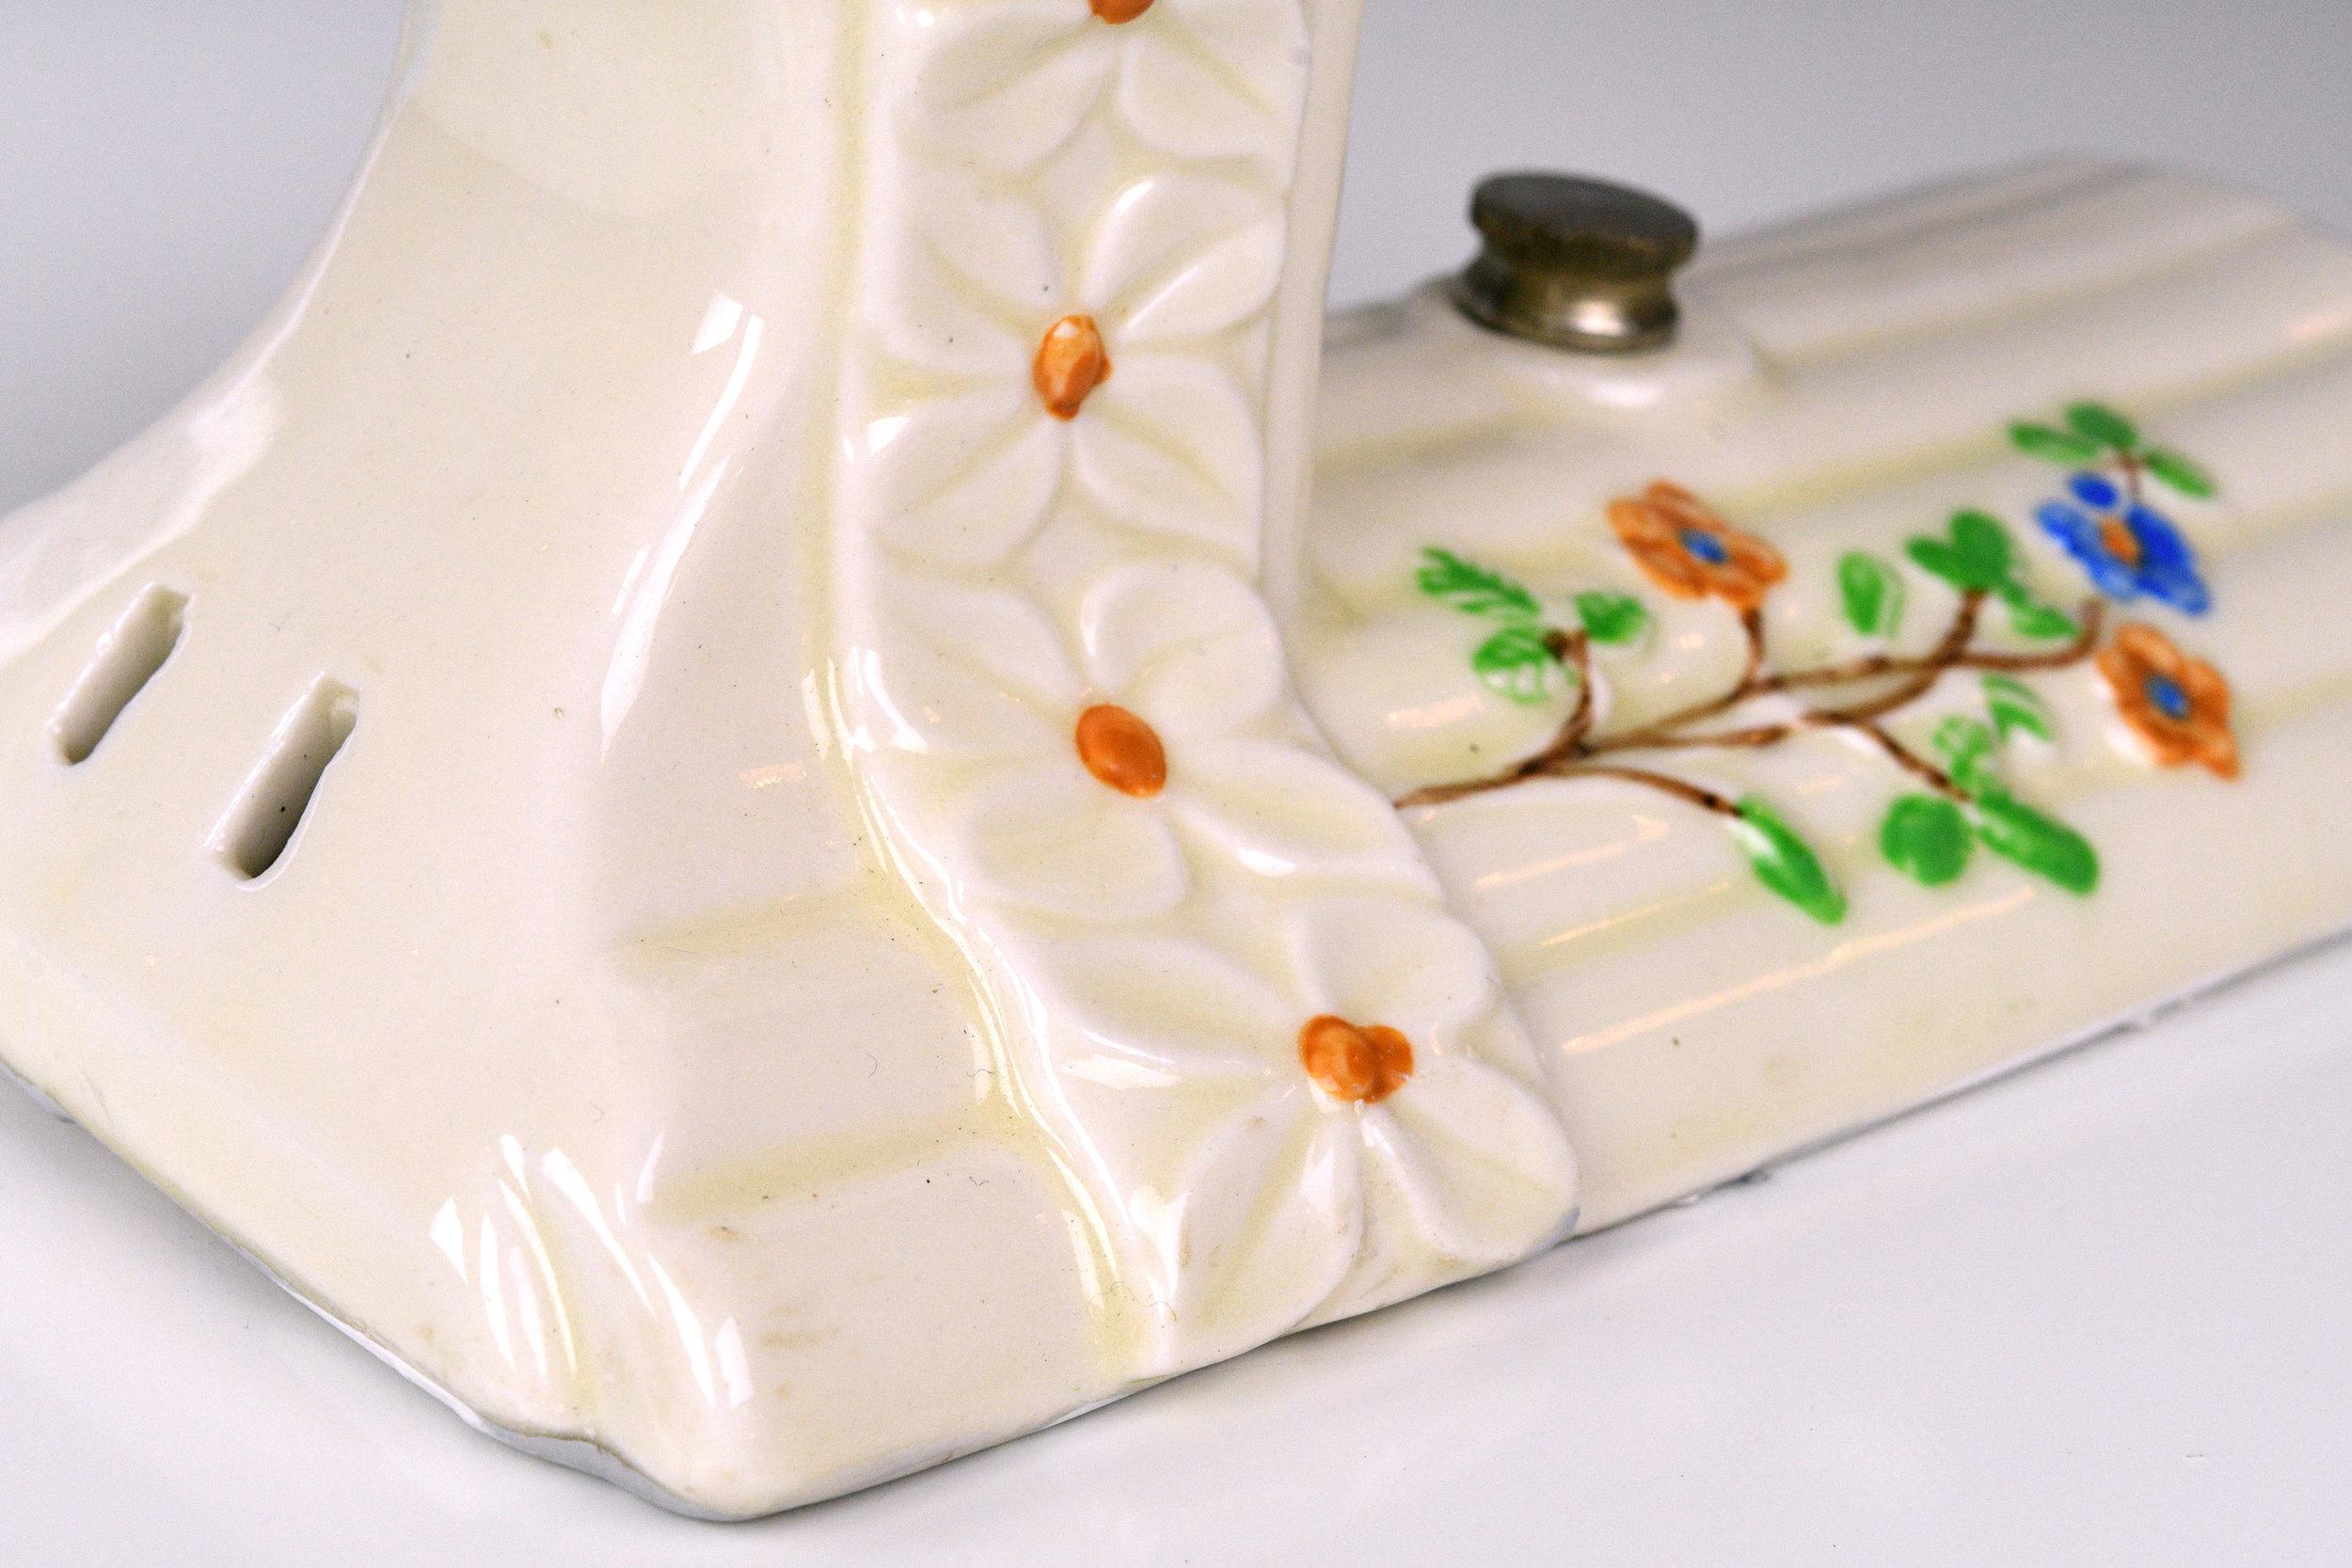 47767-porcelain-floral-bathroom-sconce-floral-detail.jpg